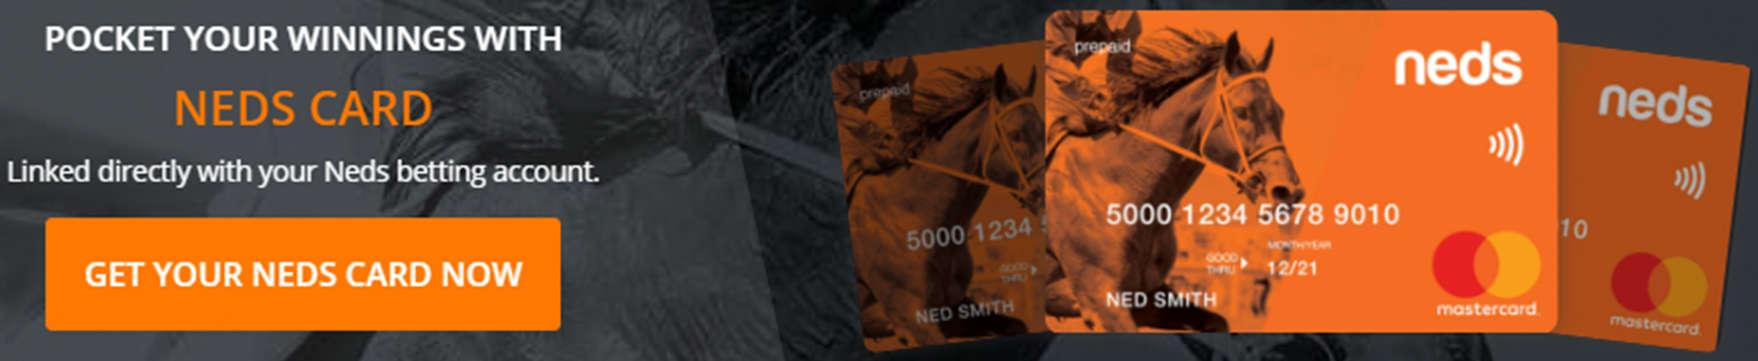 Neds Card